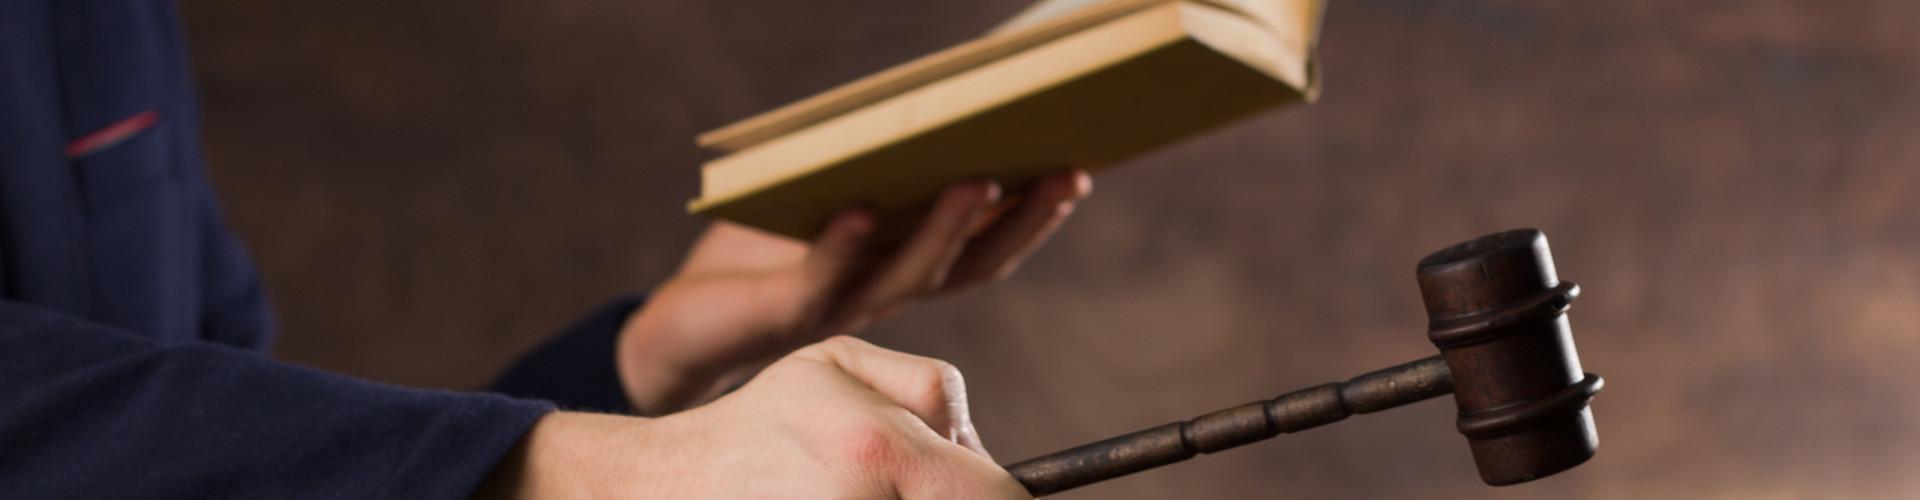 Man sieht zwei Hände. Eine hält ein Gesetzbuch, die andere einen Hammer © Chodyra Mike, stock.adobe.com